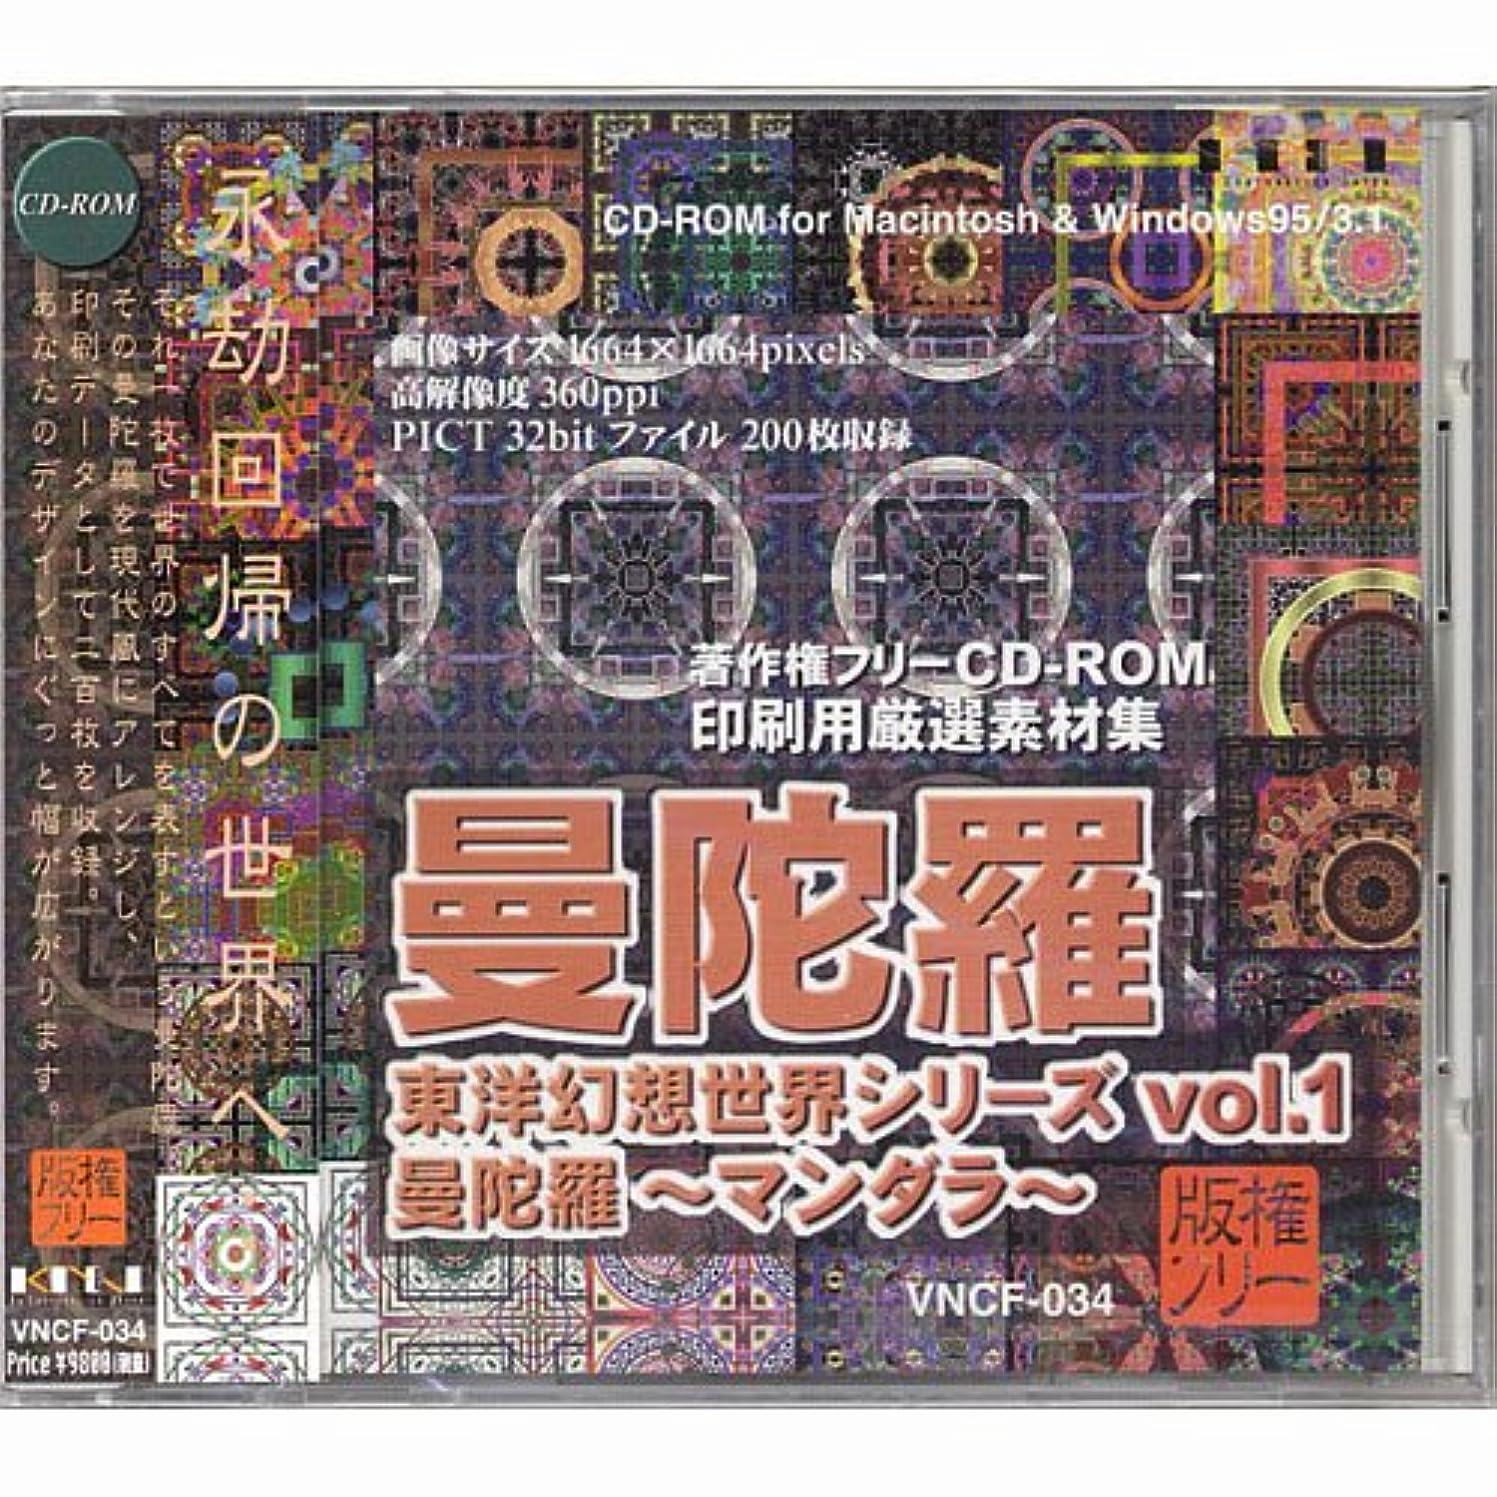 セラフ伝統全能東洋幻想世界シリーズvol.1「曼陀羅?マンダラ?」著作権フリー